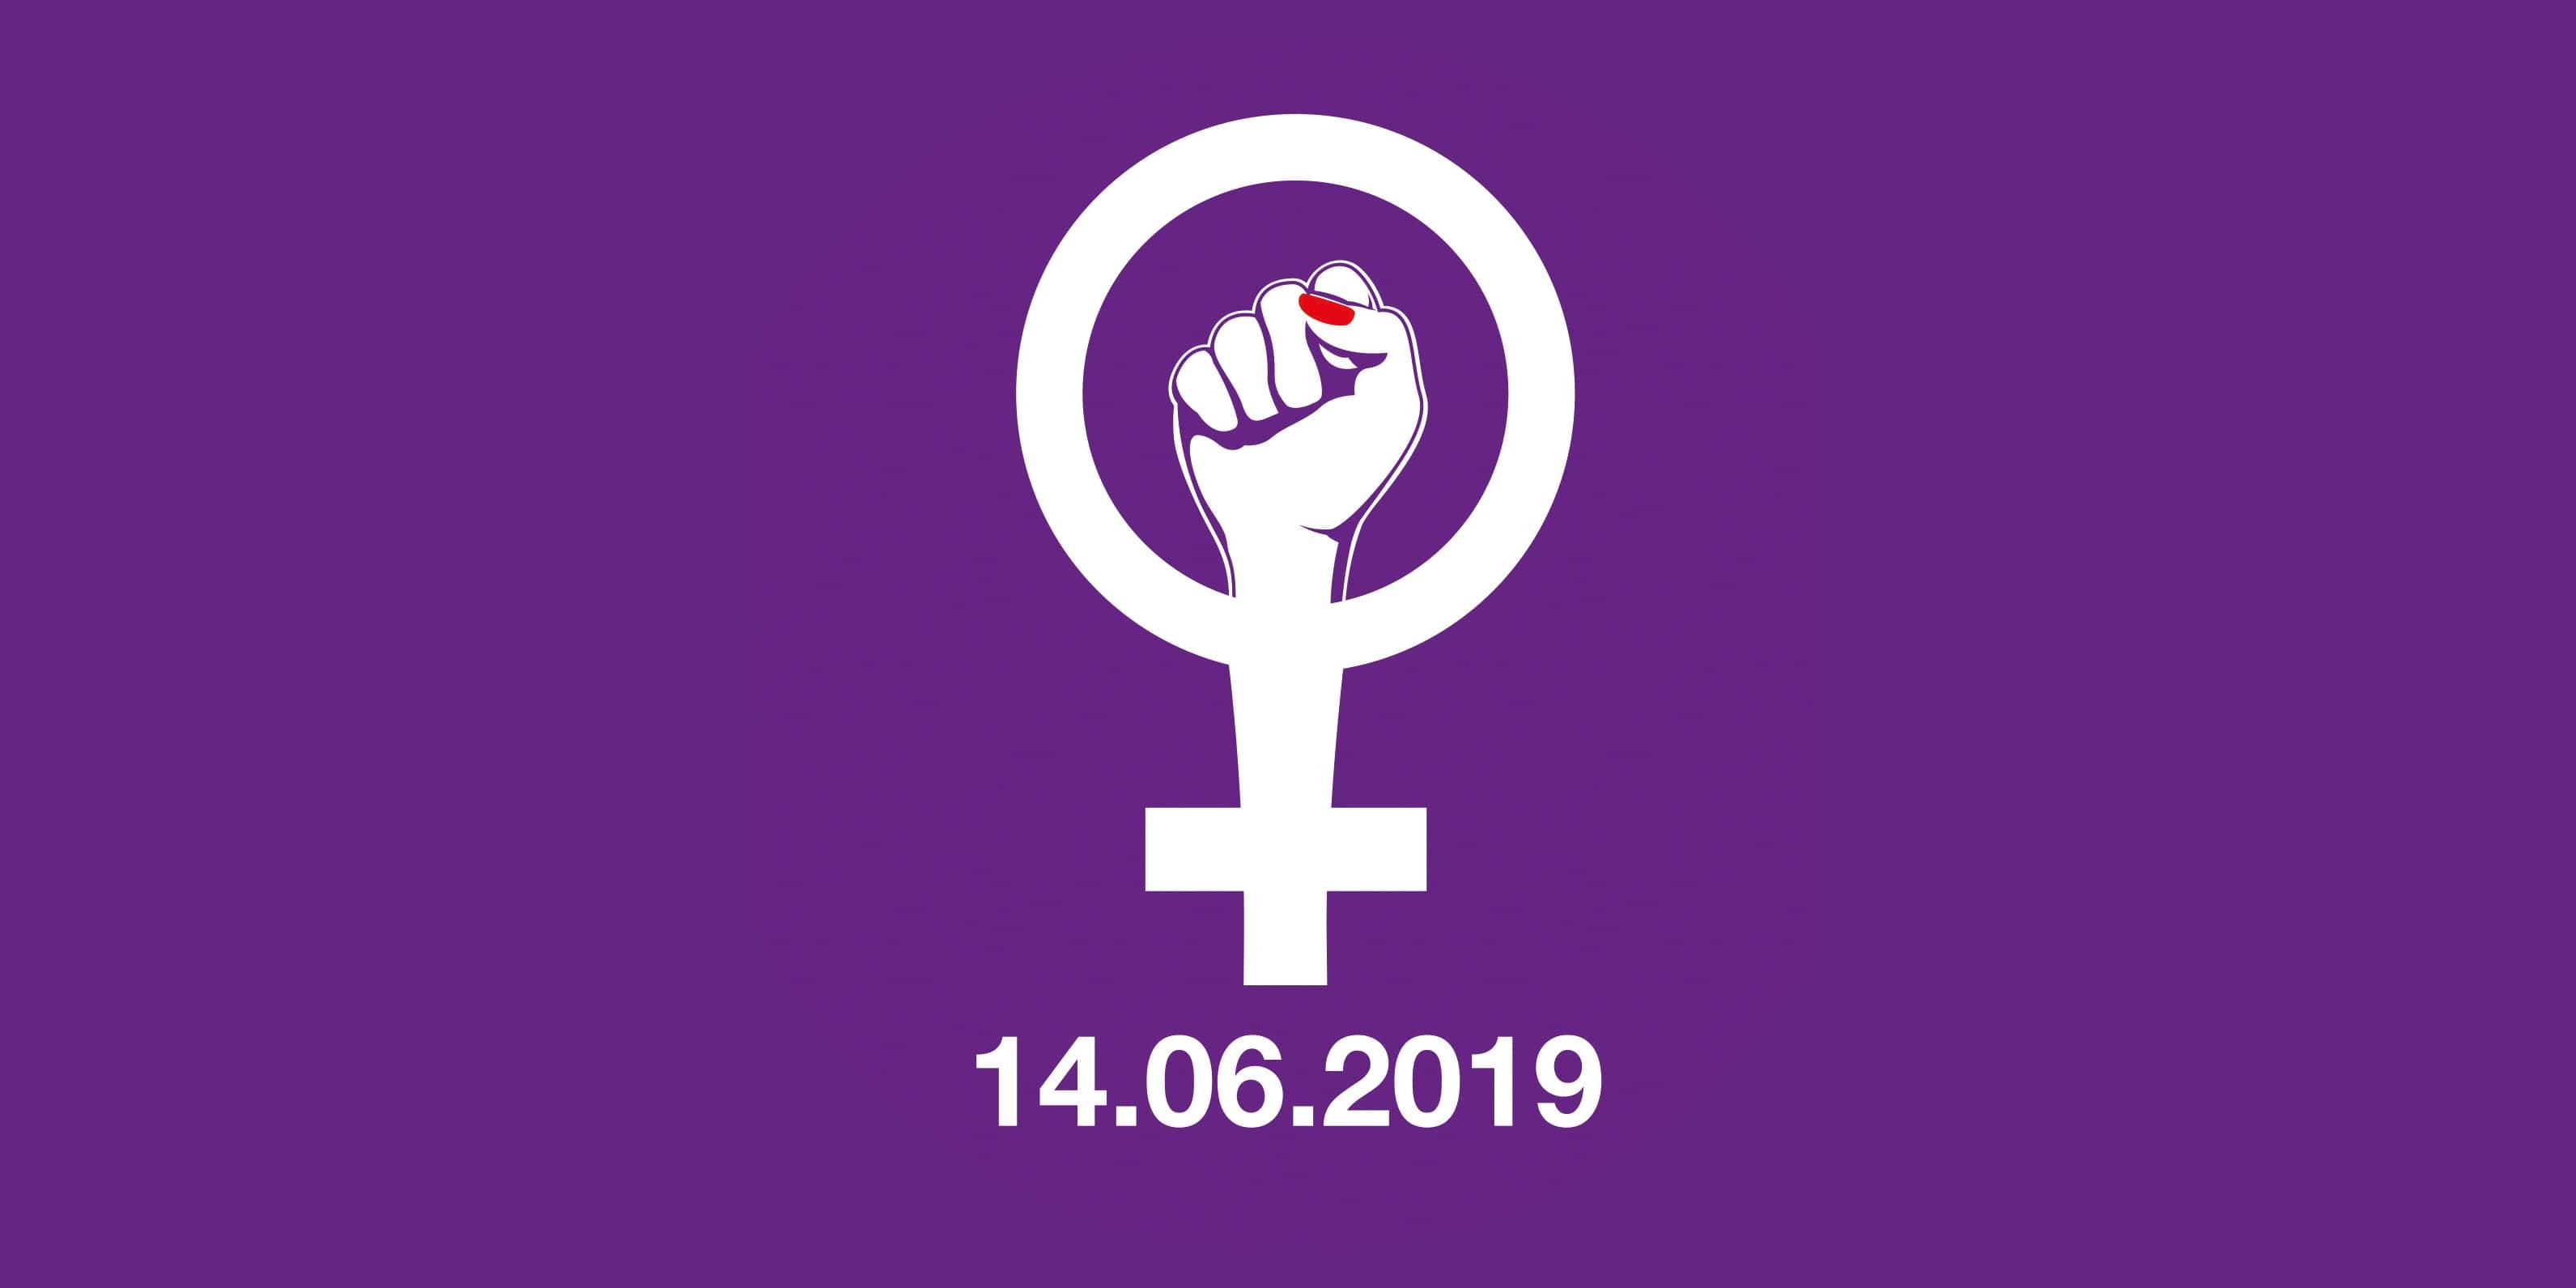 Frauenstreik 14.6. Faust-Logo auf violettem Grund